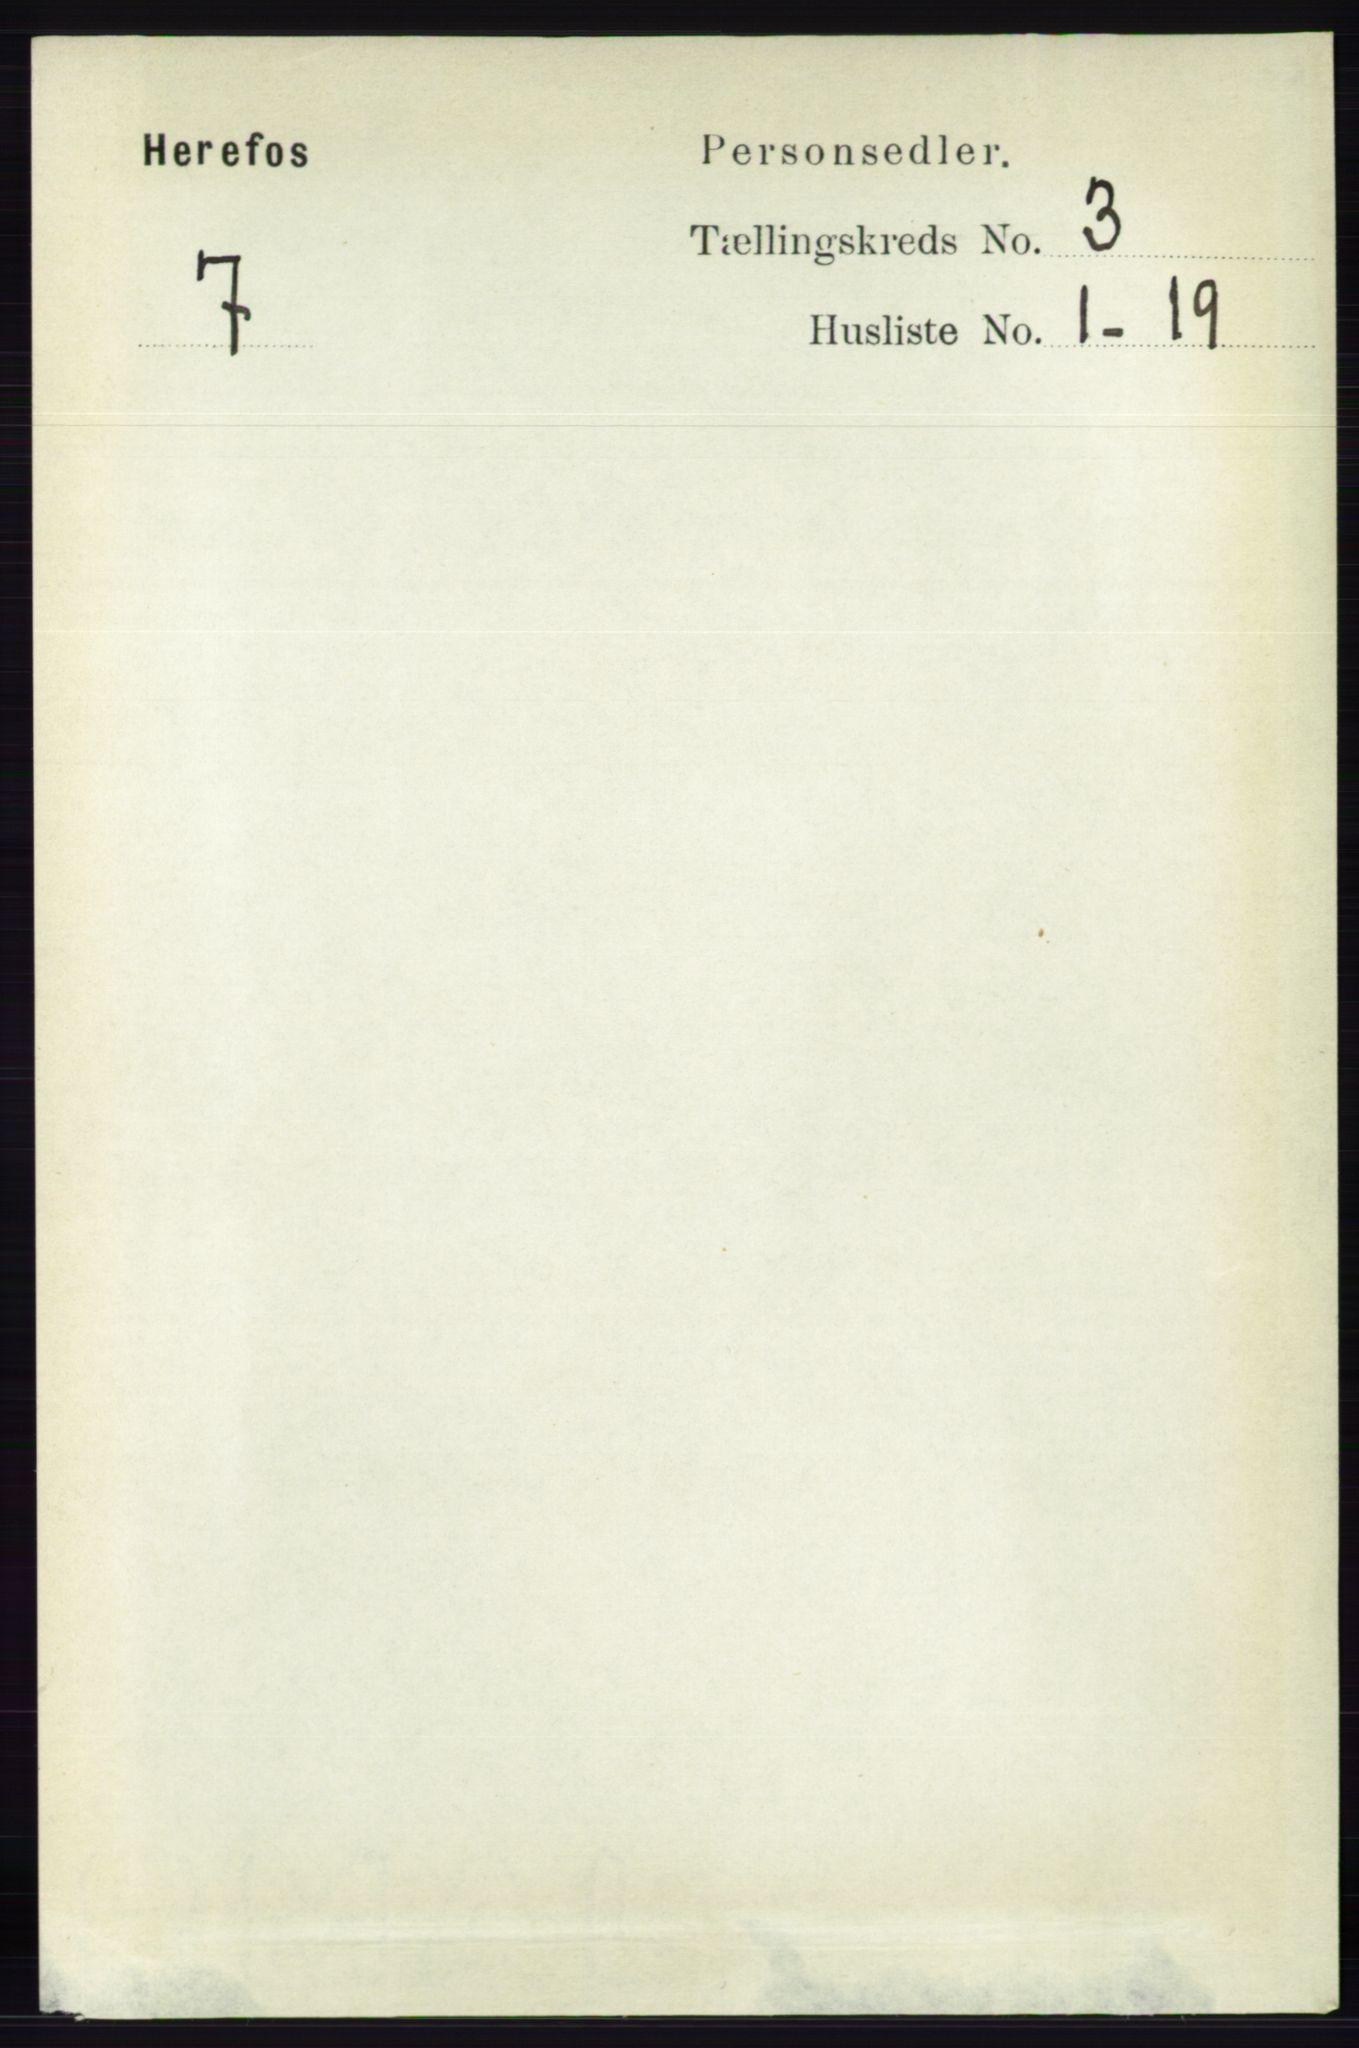 RA, Folketelling 1891 for 0933 Herefoss herred, 1891, s. 542